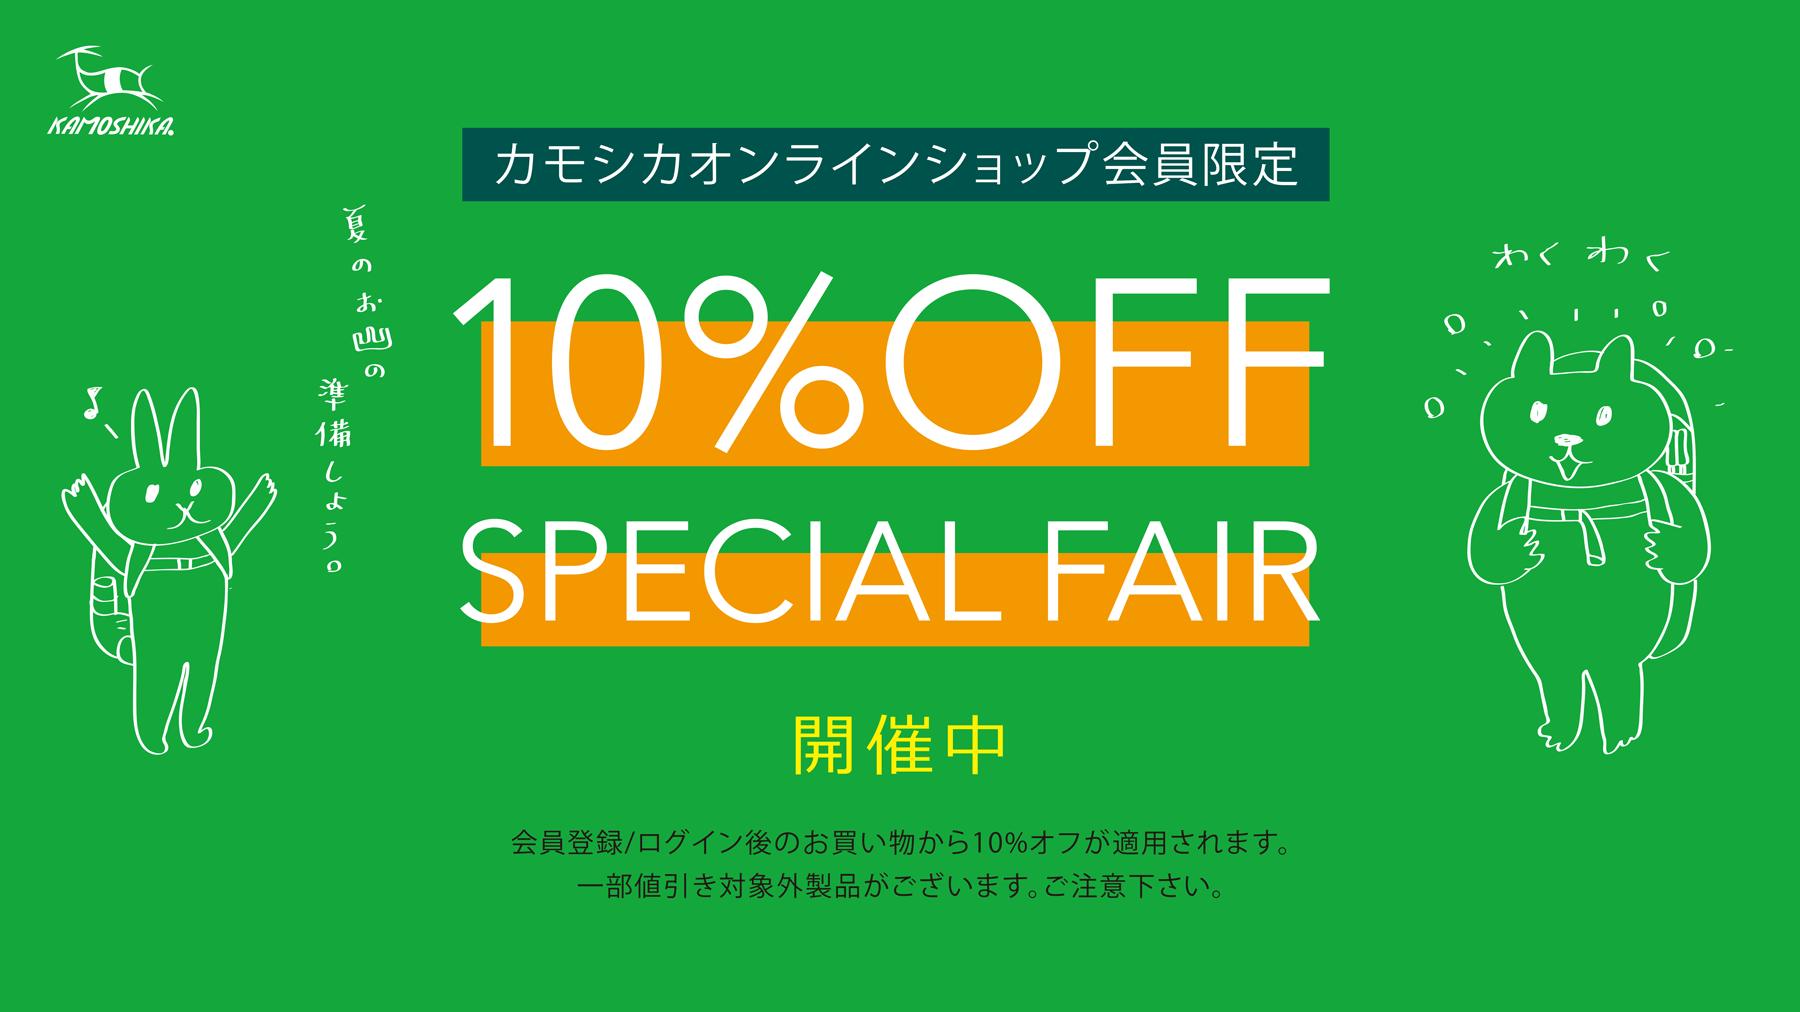 会員限定10%OFF】カモシカオンラインショップ SPECIAL FAIR 開催